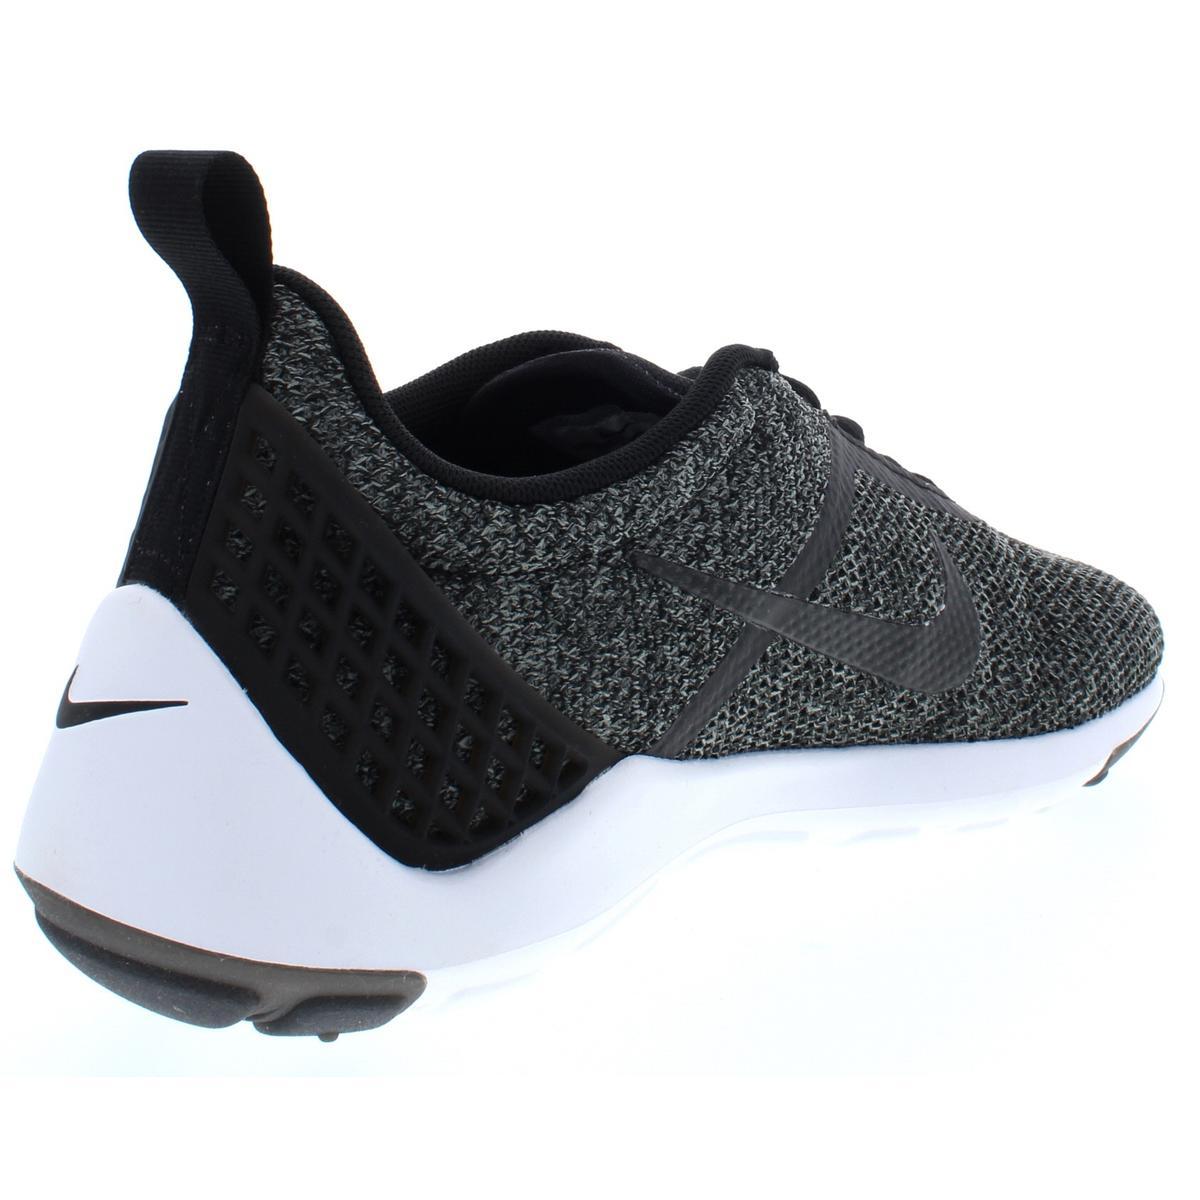 Nike para para para hombre Lunarestoa 2 se Low Top de Moda Zapatillas Para Correr Atléticos BHFO 3978 be0327